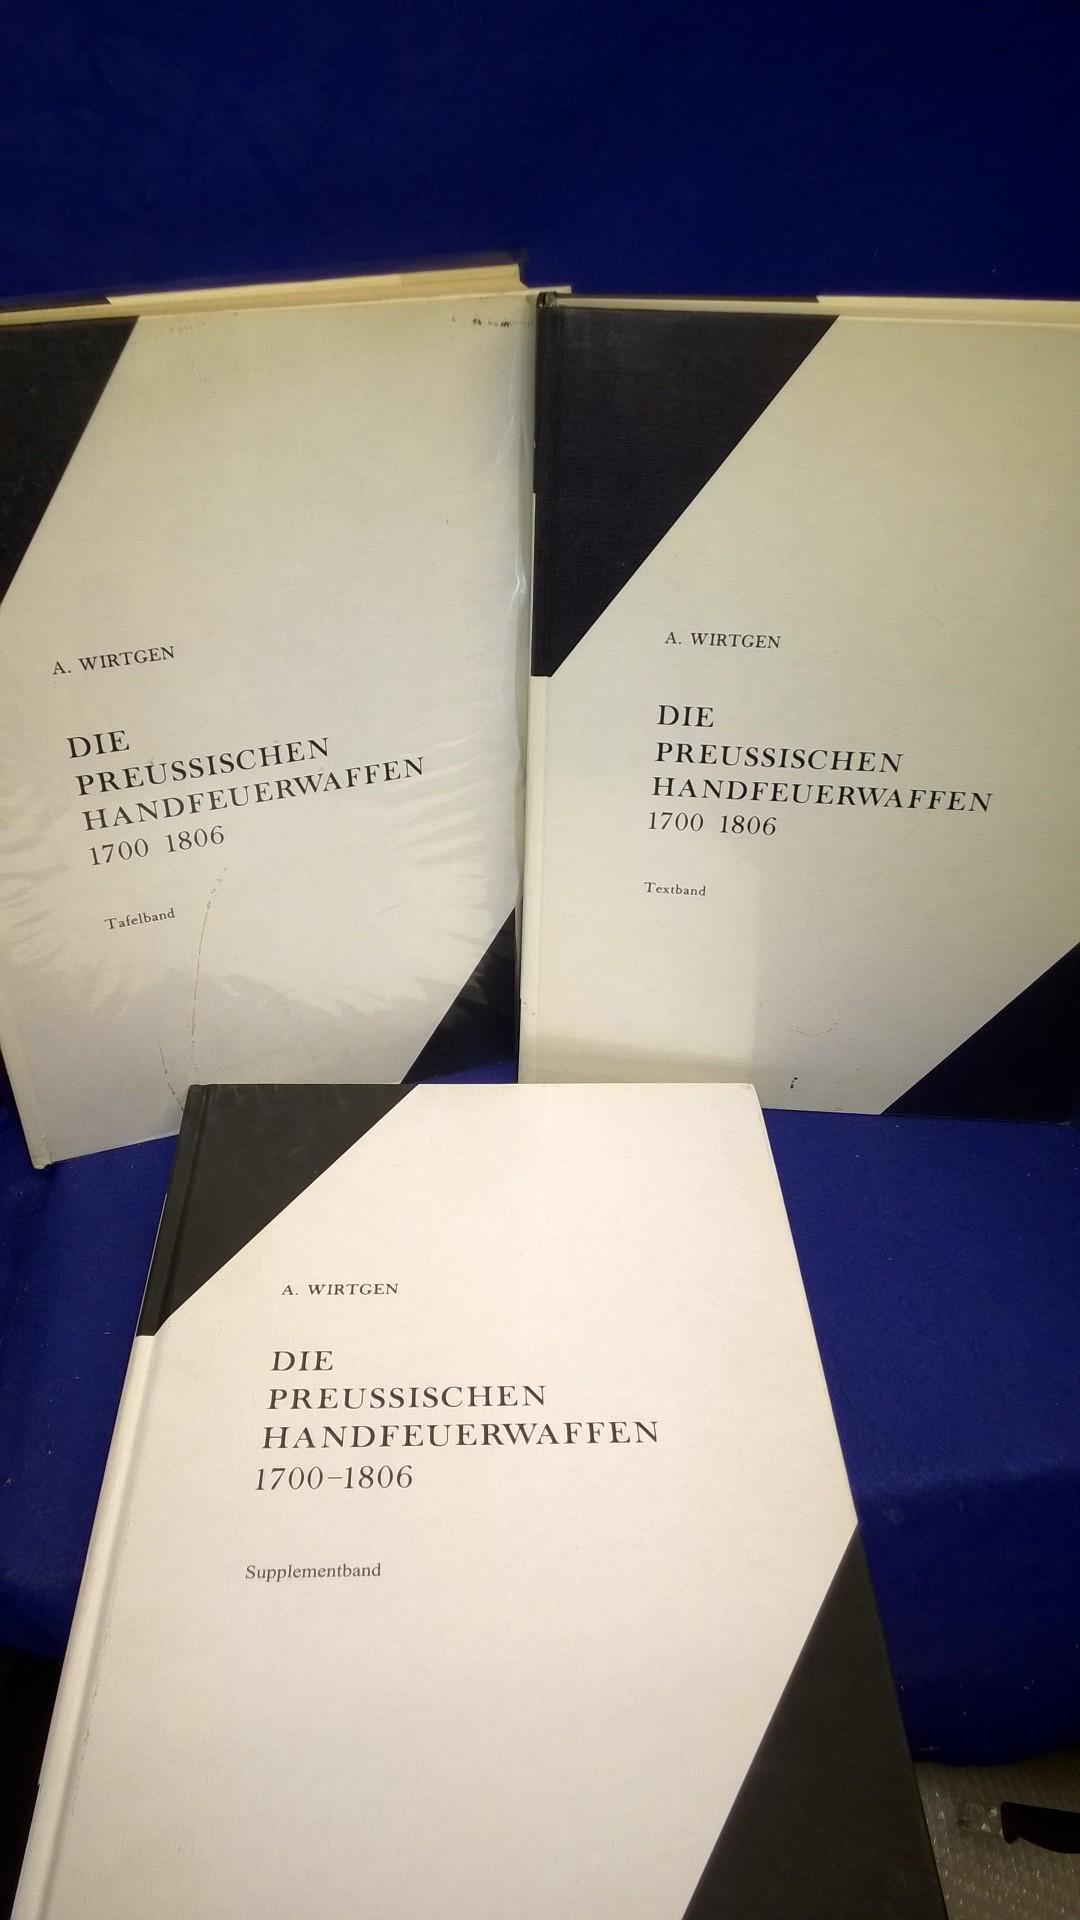 Die Preussischen Handfeuerwaffen 1700-1806. Modelle und Manufakturen - Textband & Tafelband sowie der seltene Supplementband. So komplett!